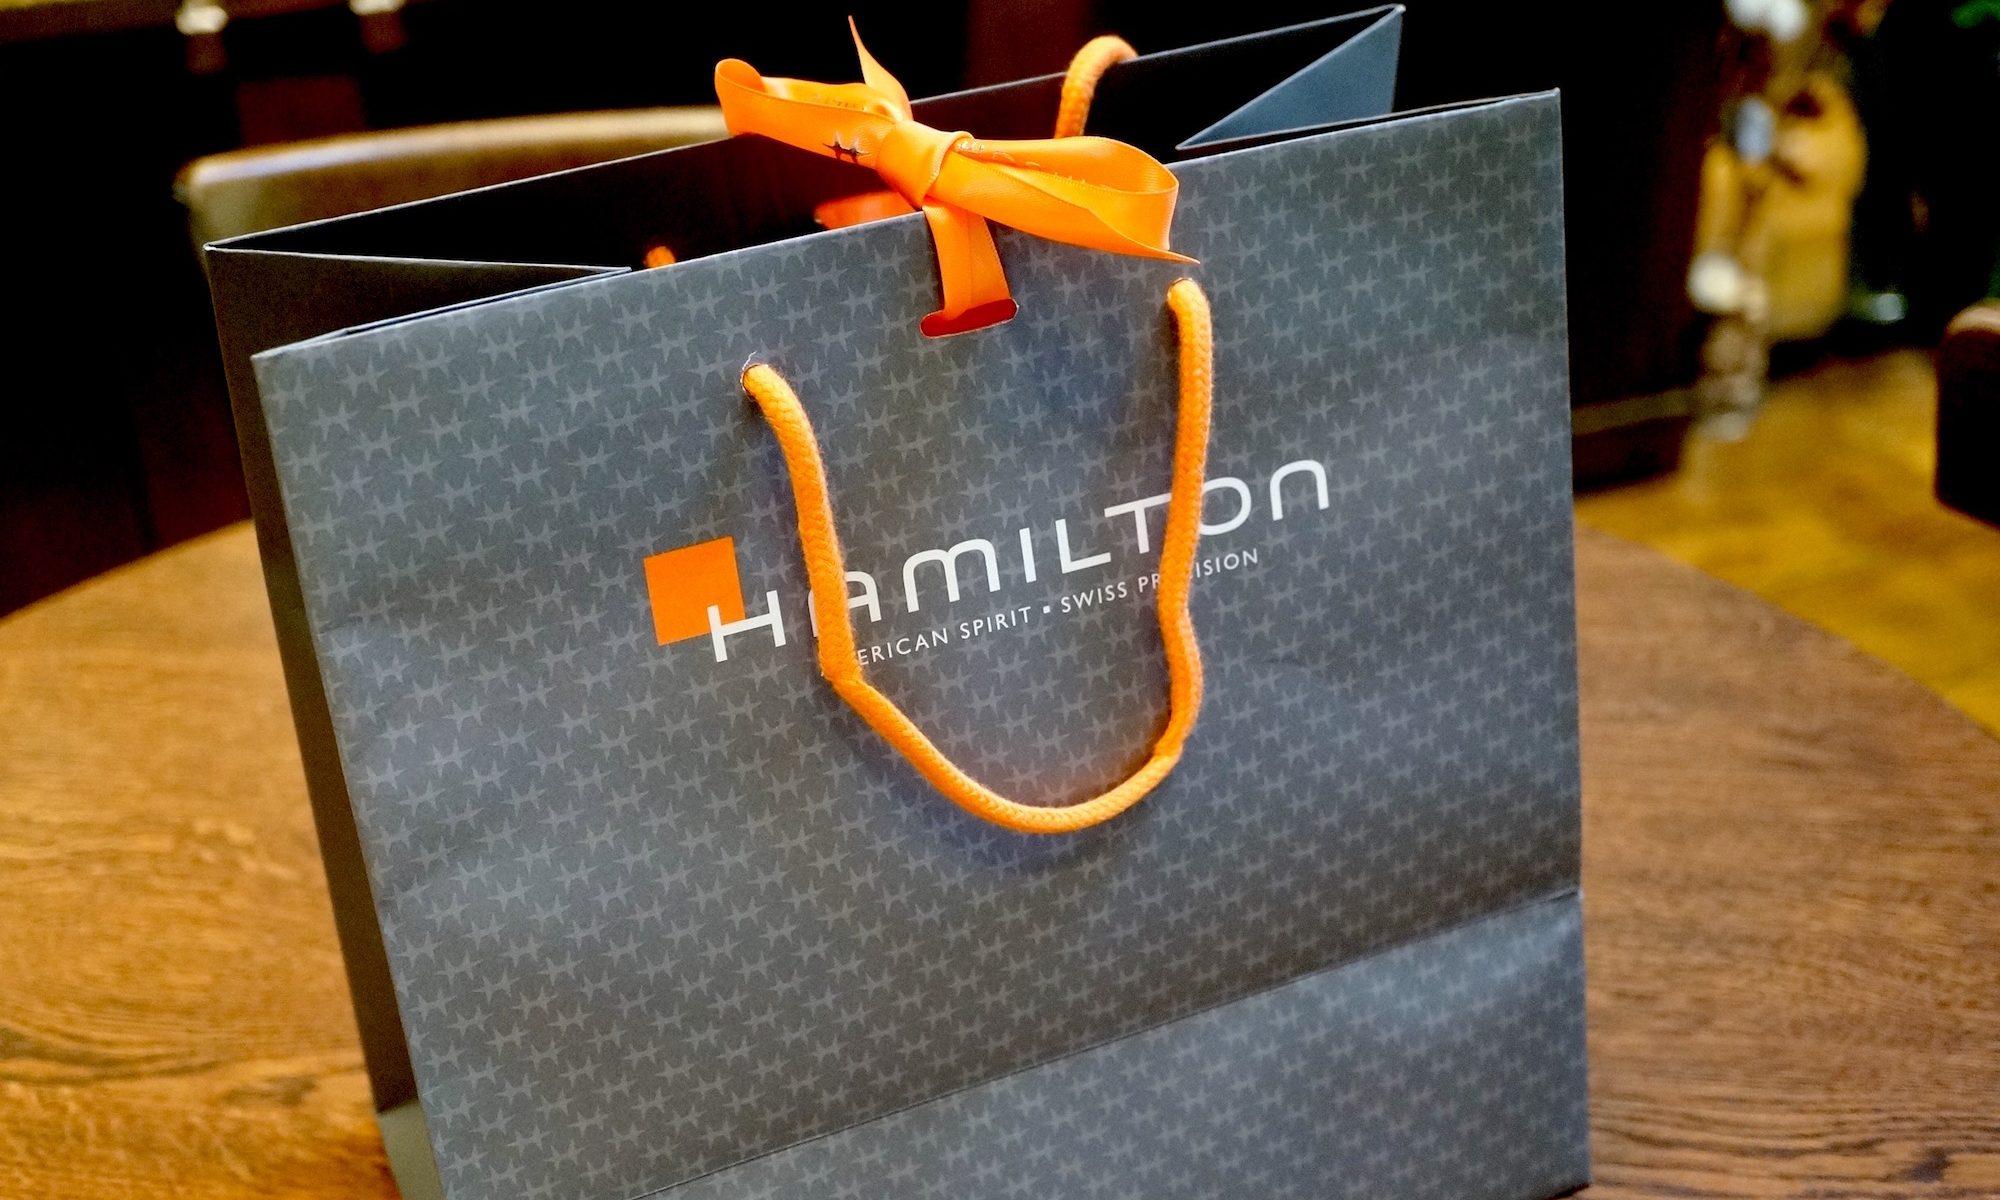 ハミルトン販売・修理・ご相談の専門店。ランドホー